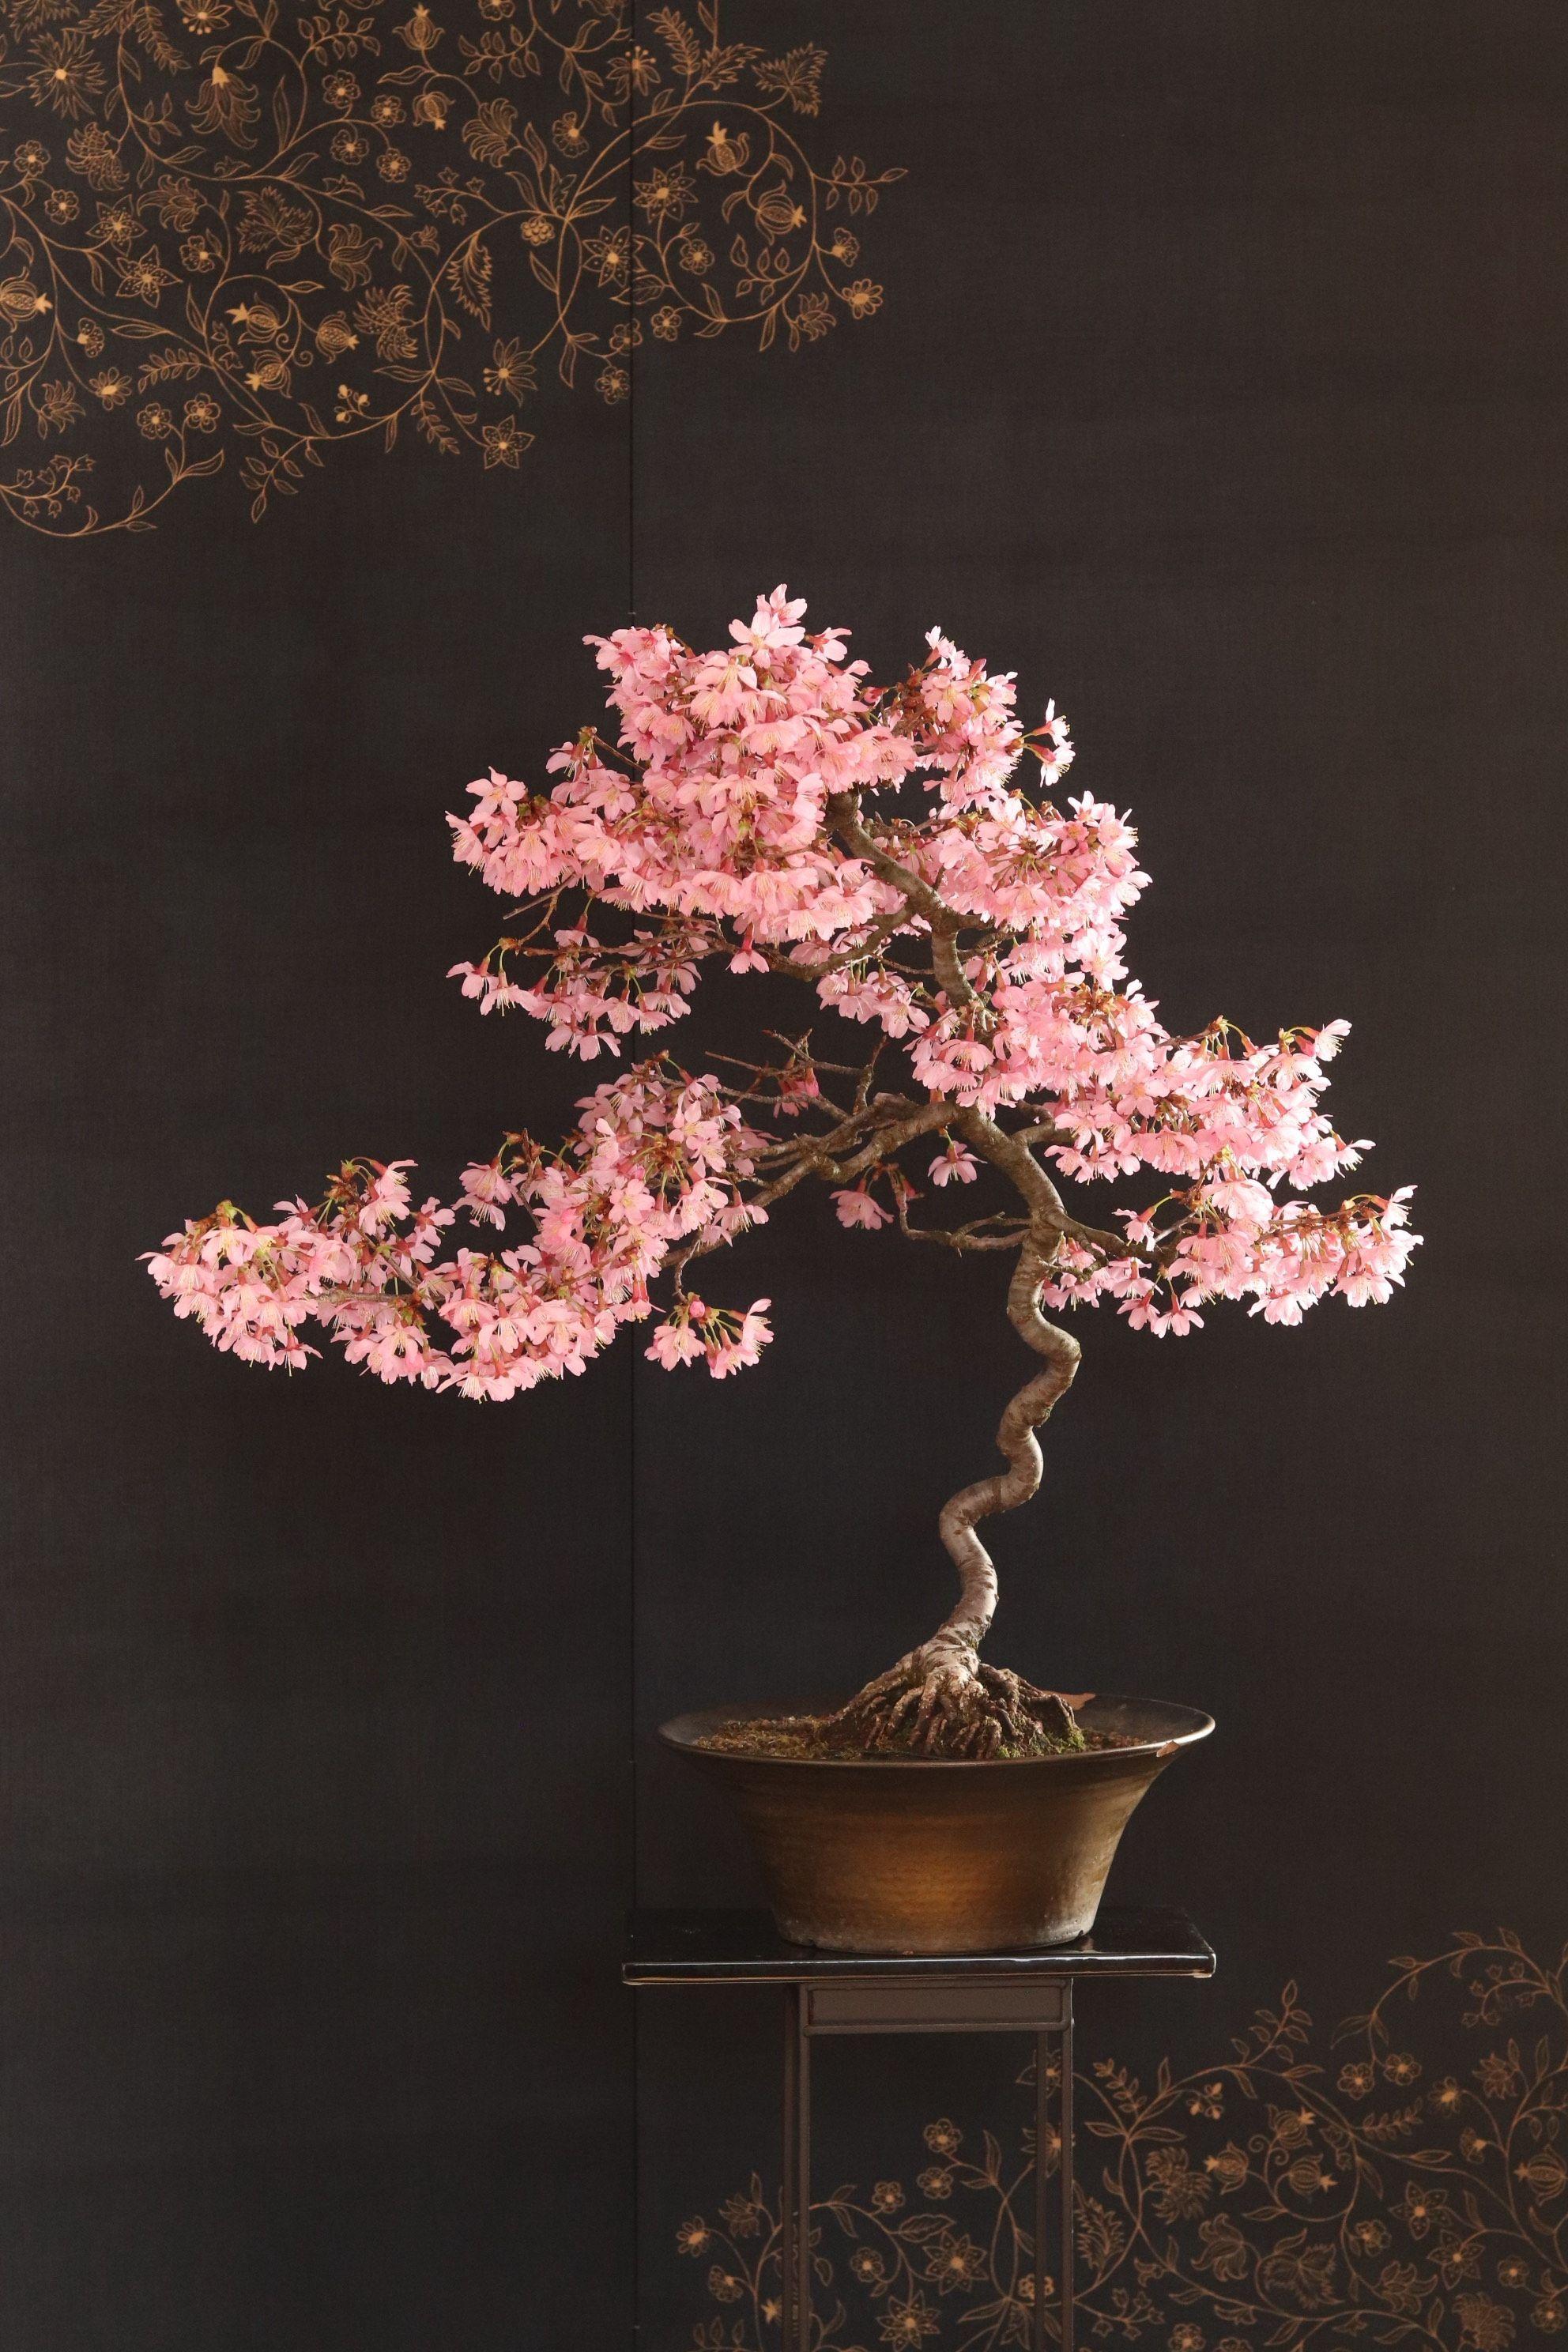 Cherry Bonsai Prunus In 2021 Cherry Bonsai Bonsai Art Bonsai